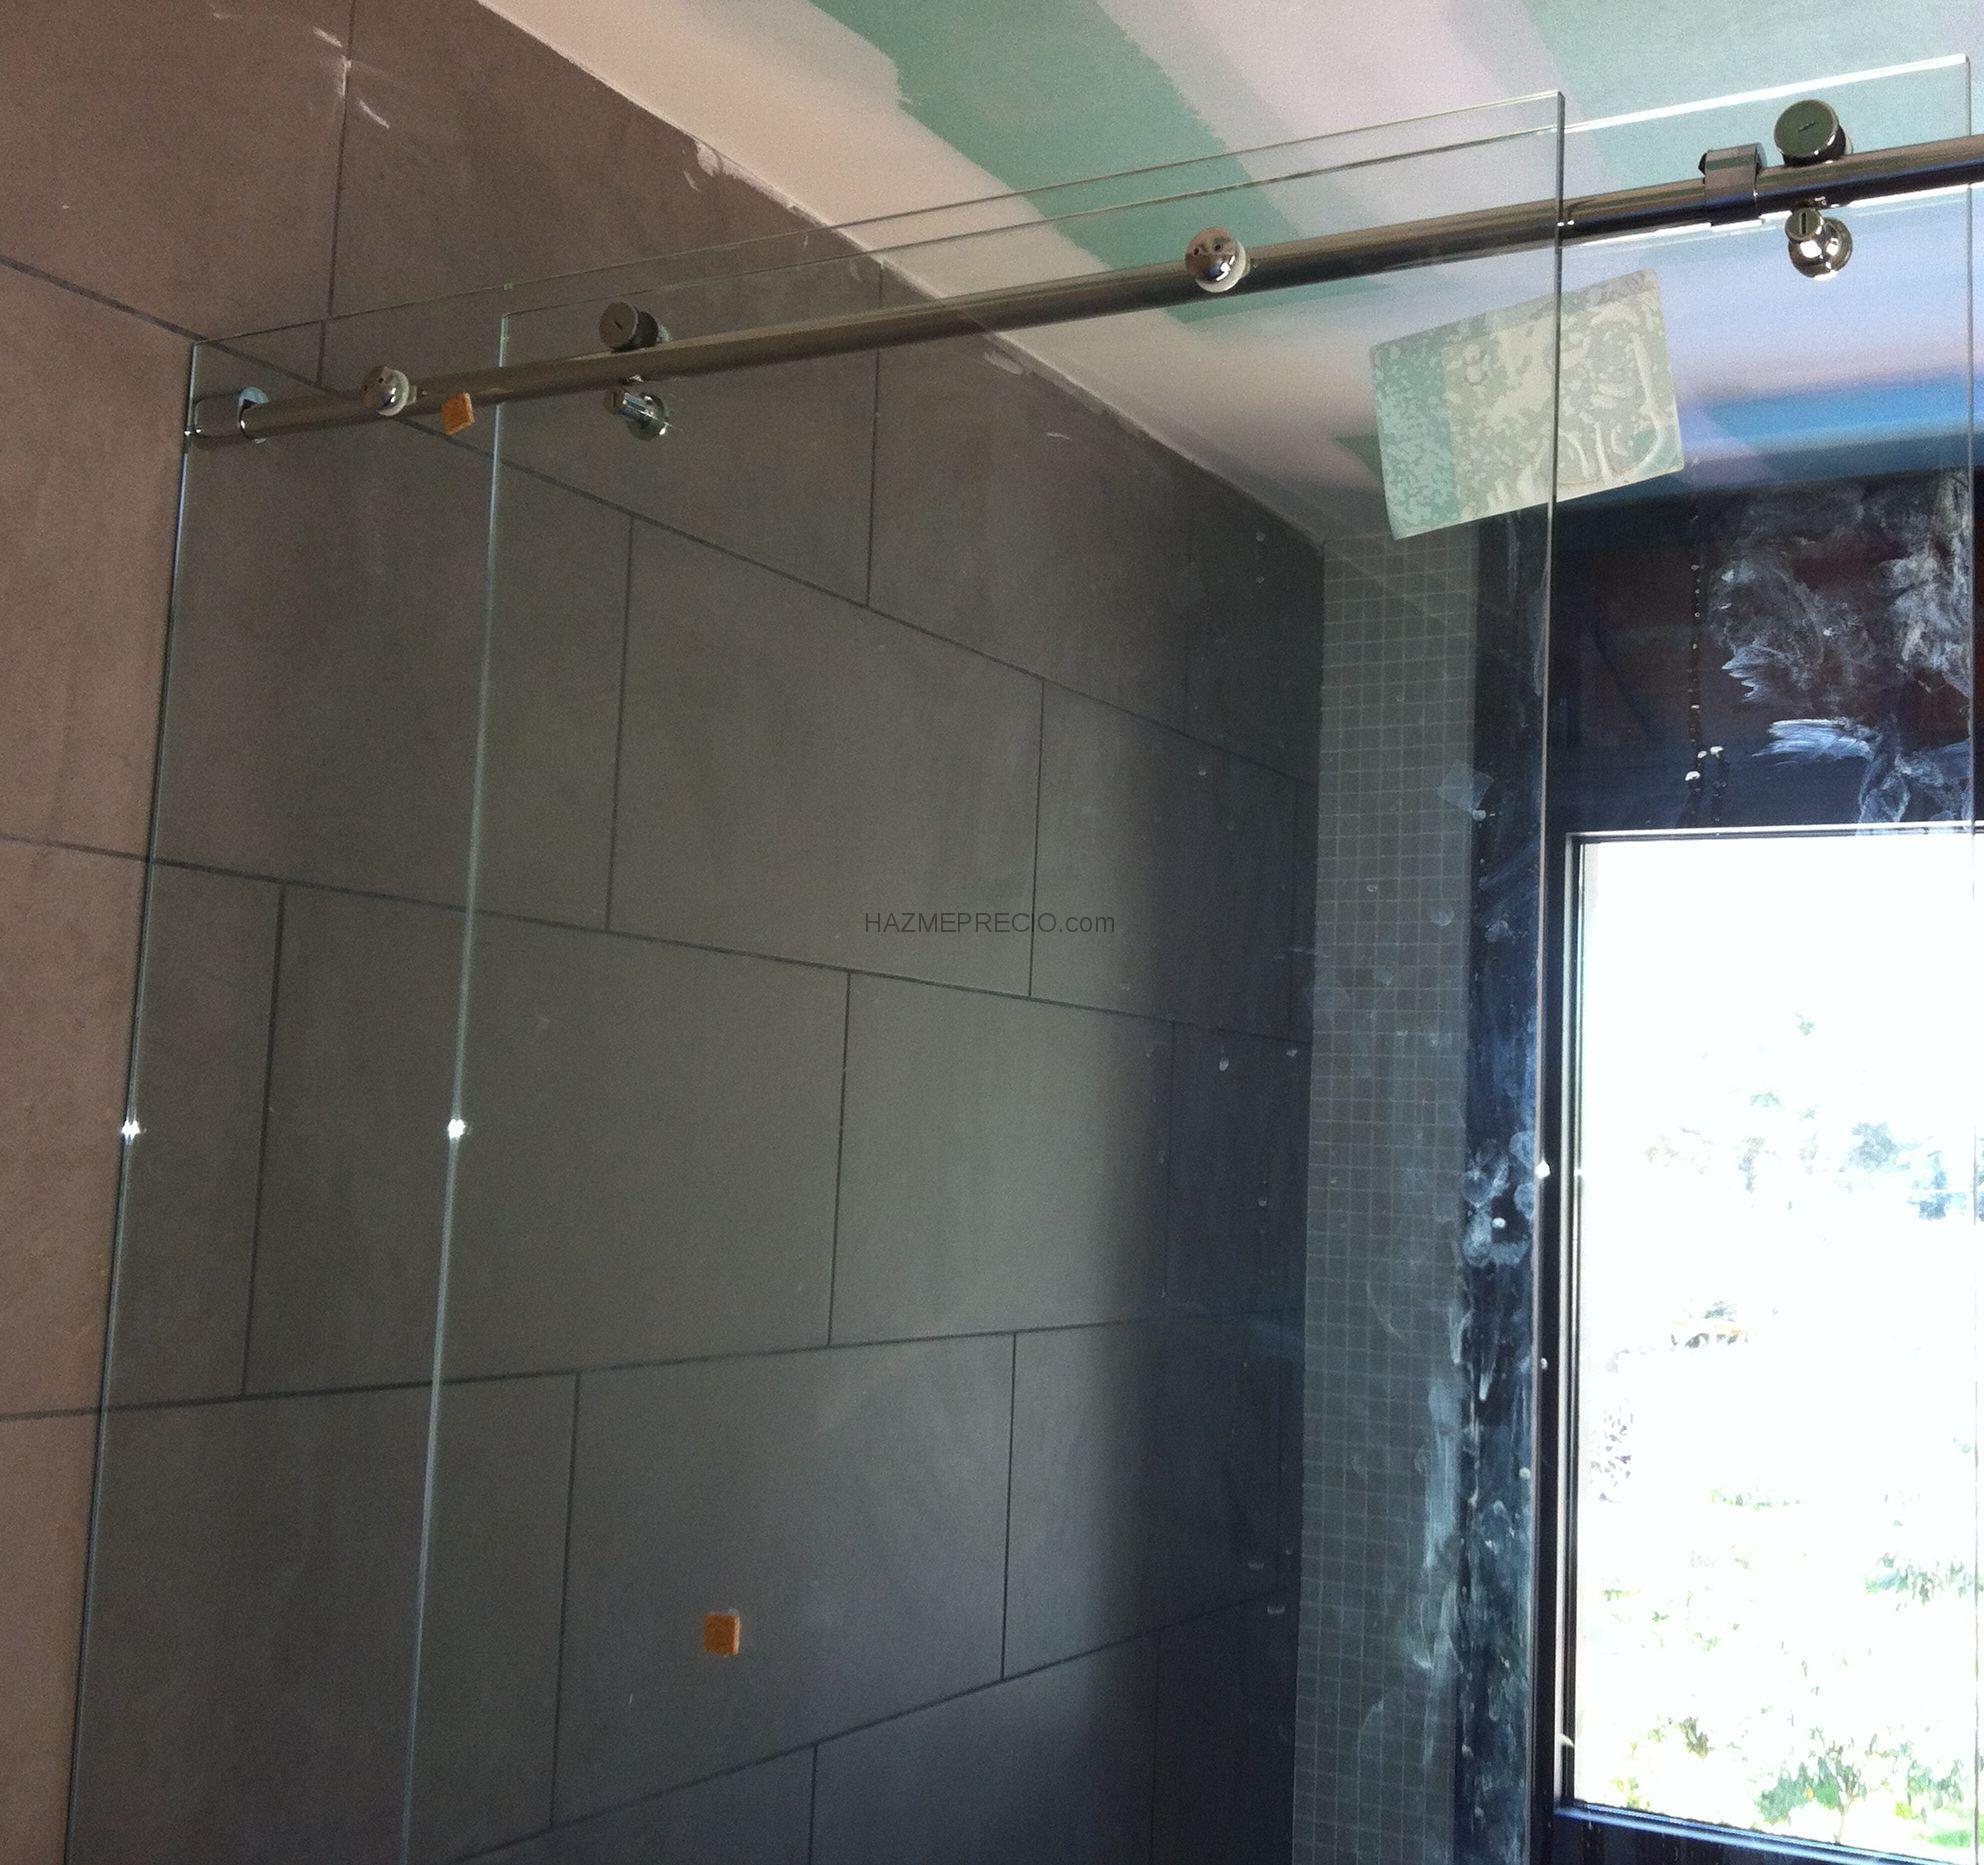 Presupuesto para quitar los azulejos de pared de cocina - Quitar azulejos cocina ...